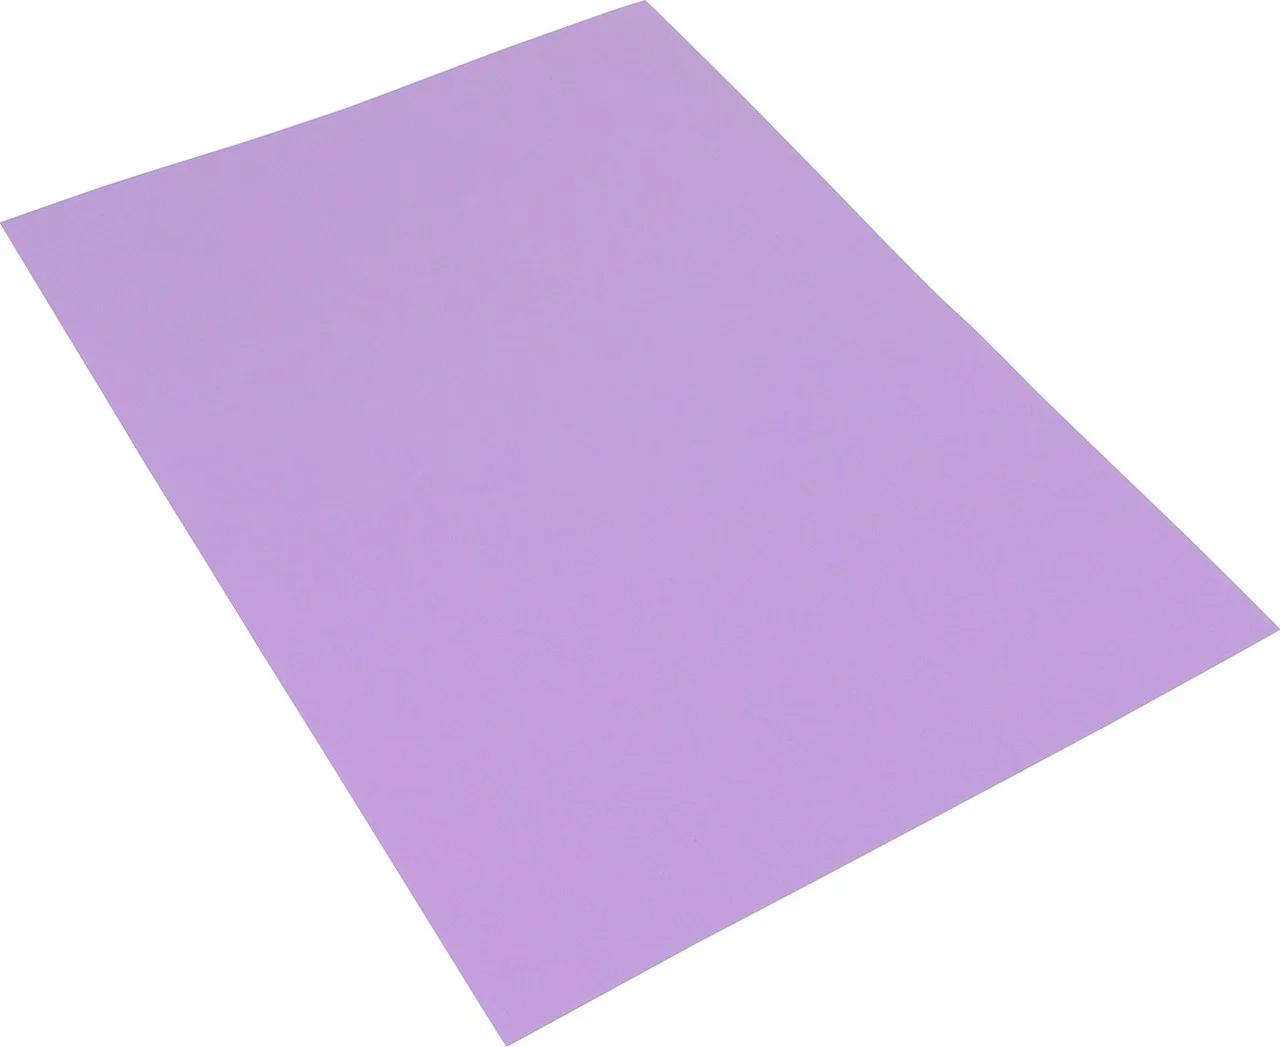 Бумага цветная Color A4 интенсив 80гр./м2. Taro, 500листов, фиолет. Spectra Color - фото 2